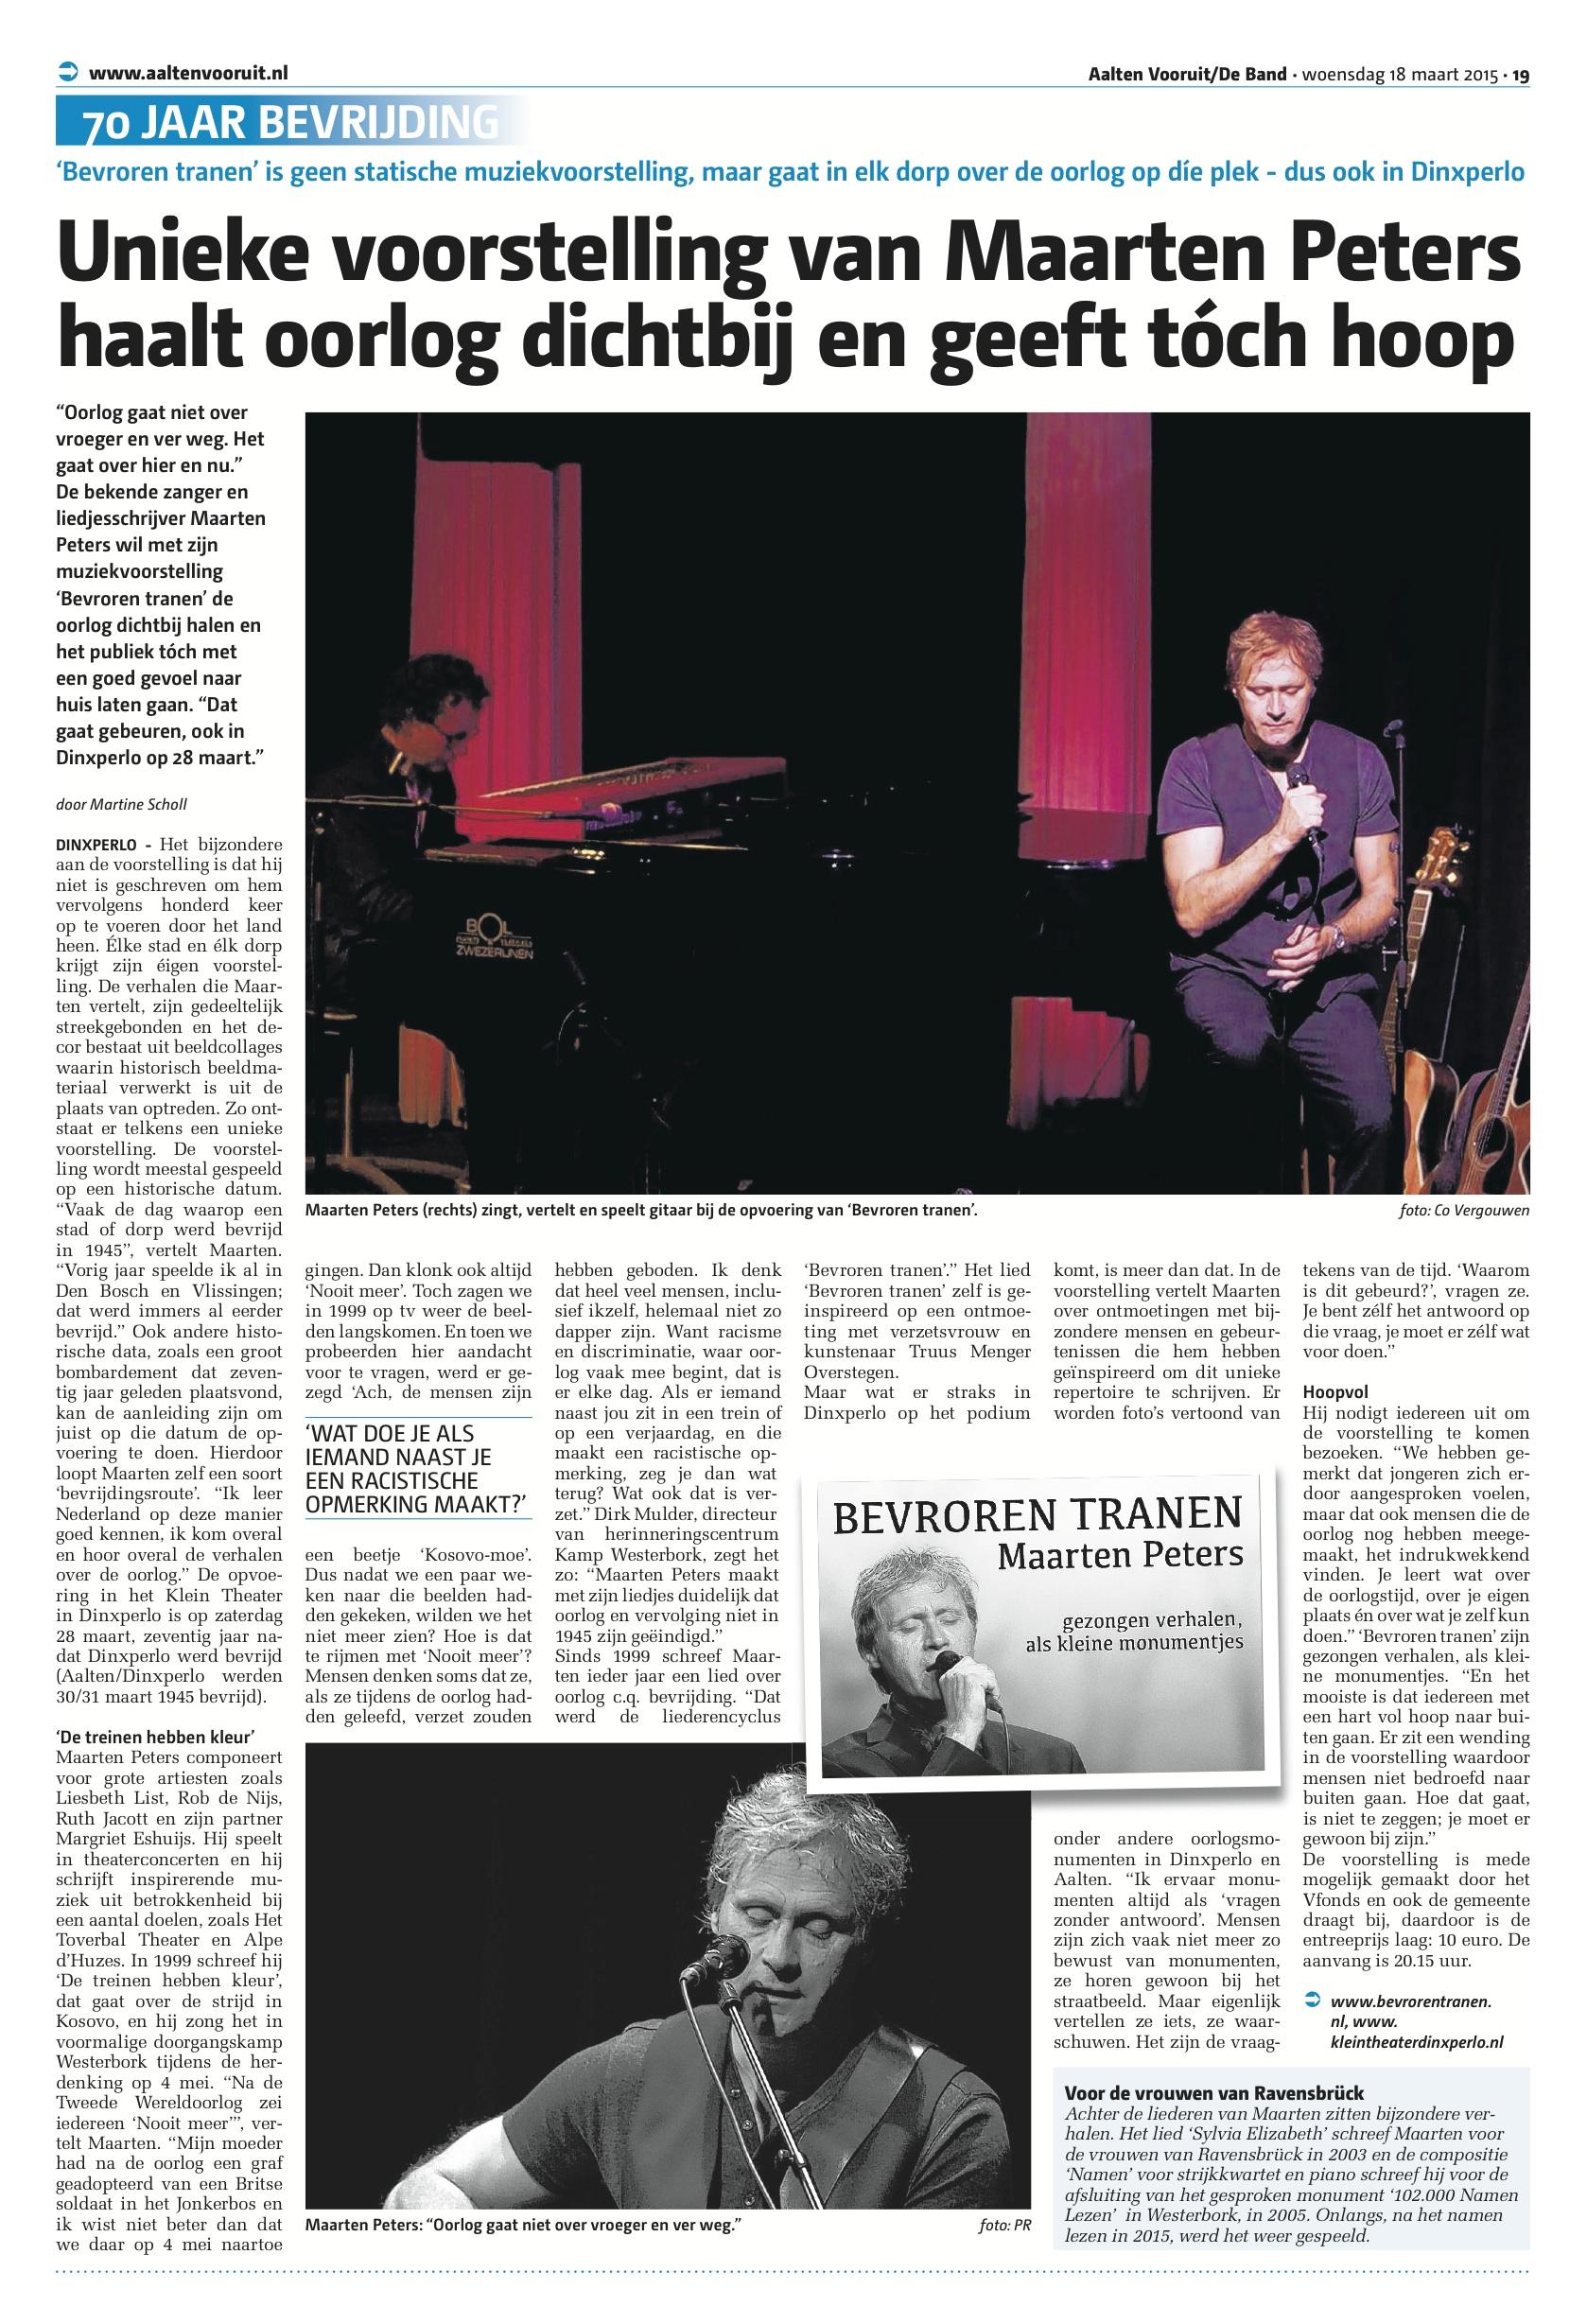 Publicatie voor aankondiging Dinxperlo  fotografie Marielle Hensums, tekst Martine Scholl